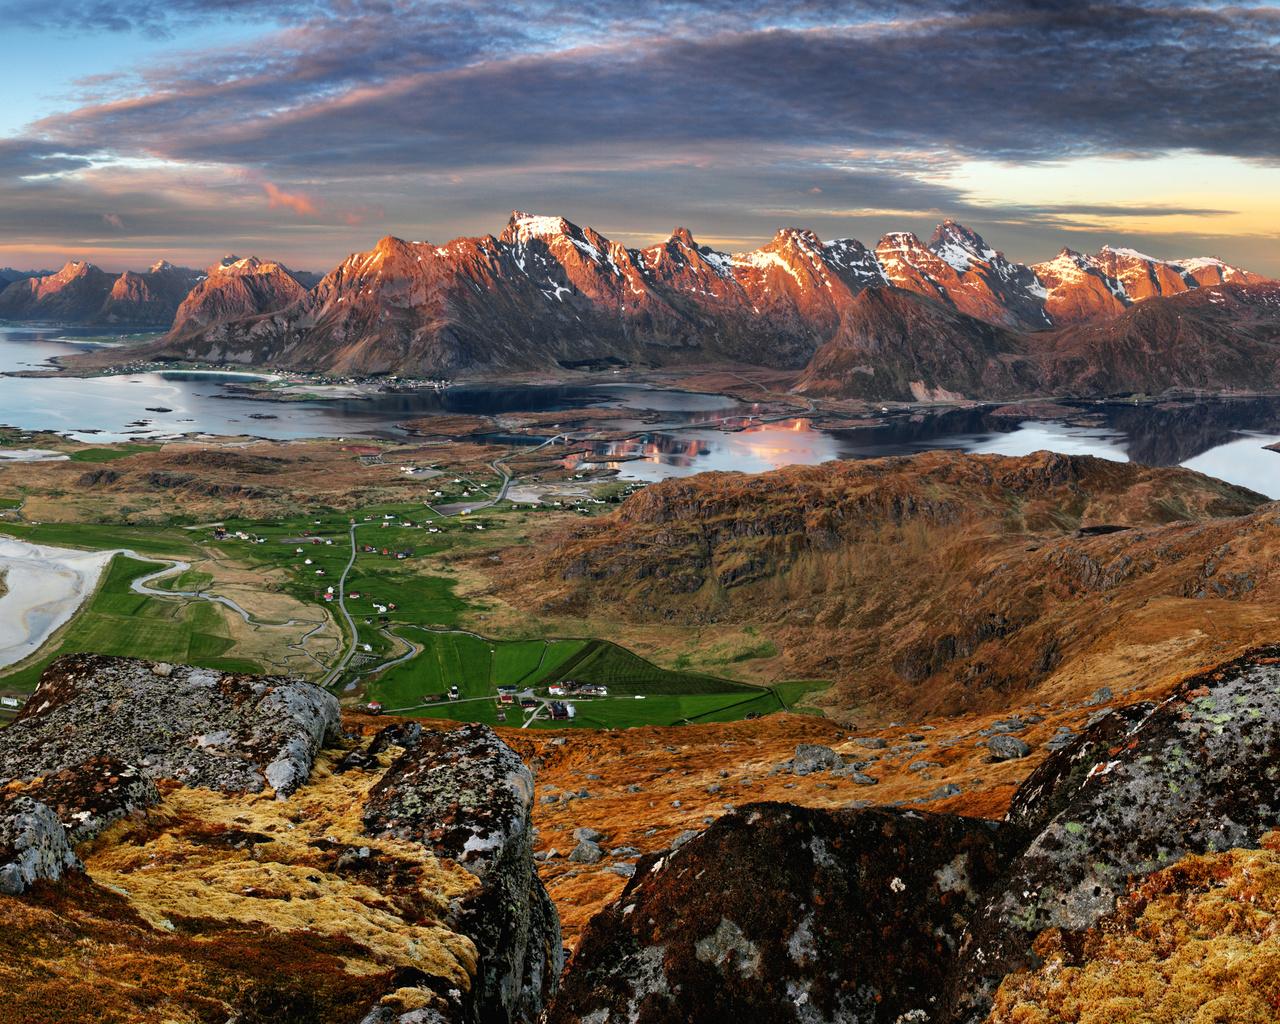 норвегия, лофотенские острова, пейзаж, горы, дома, залив, природа